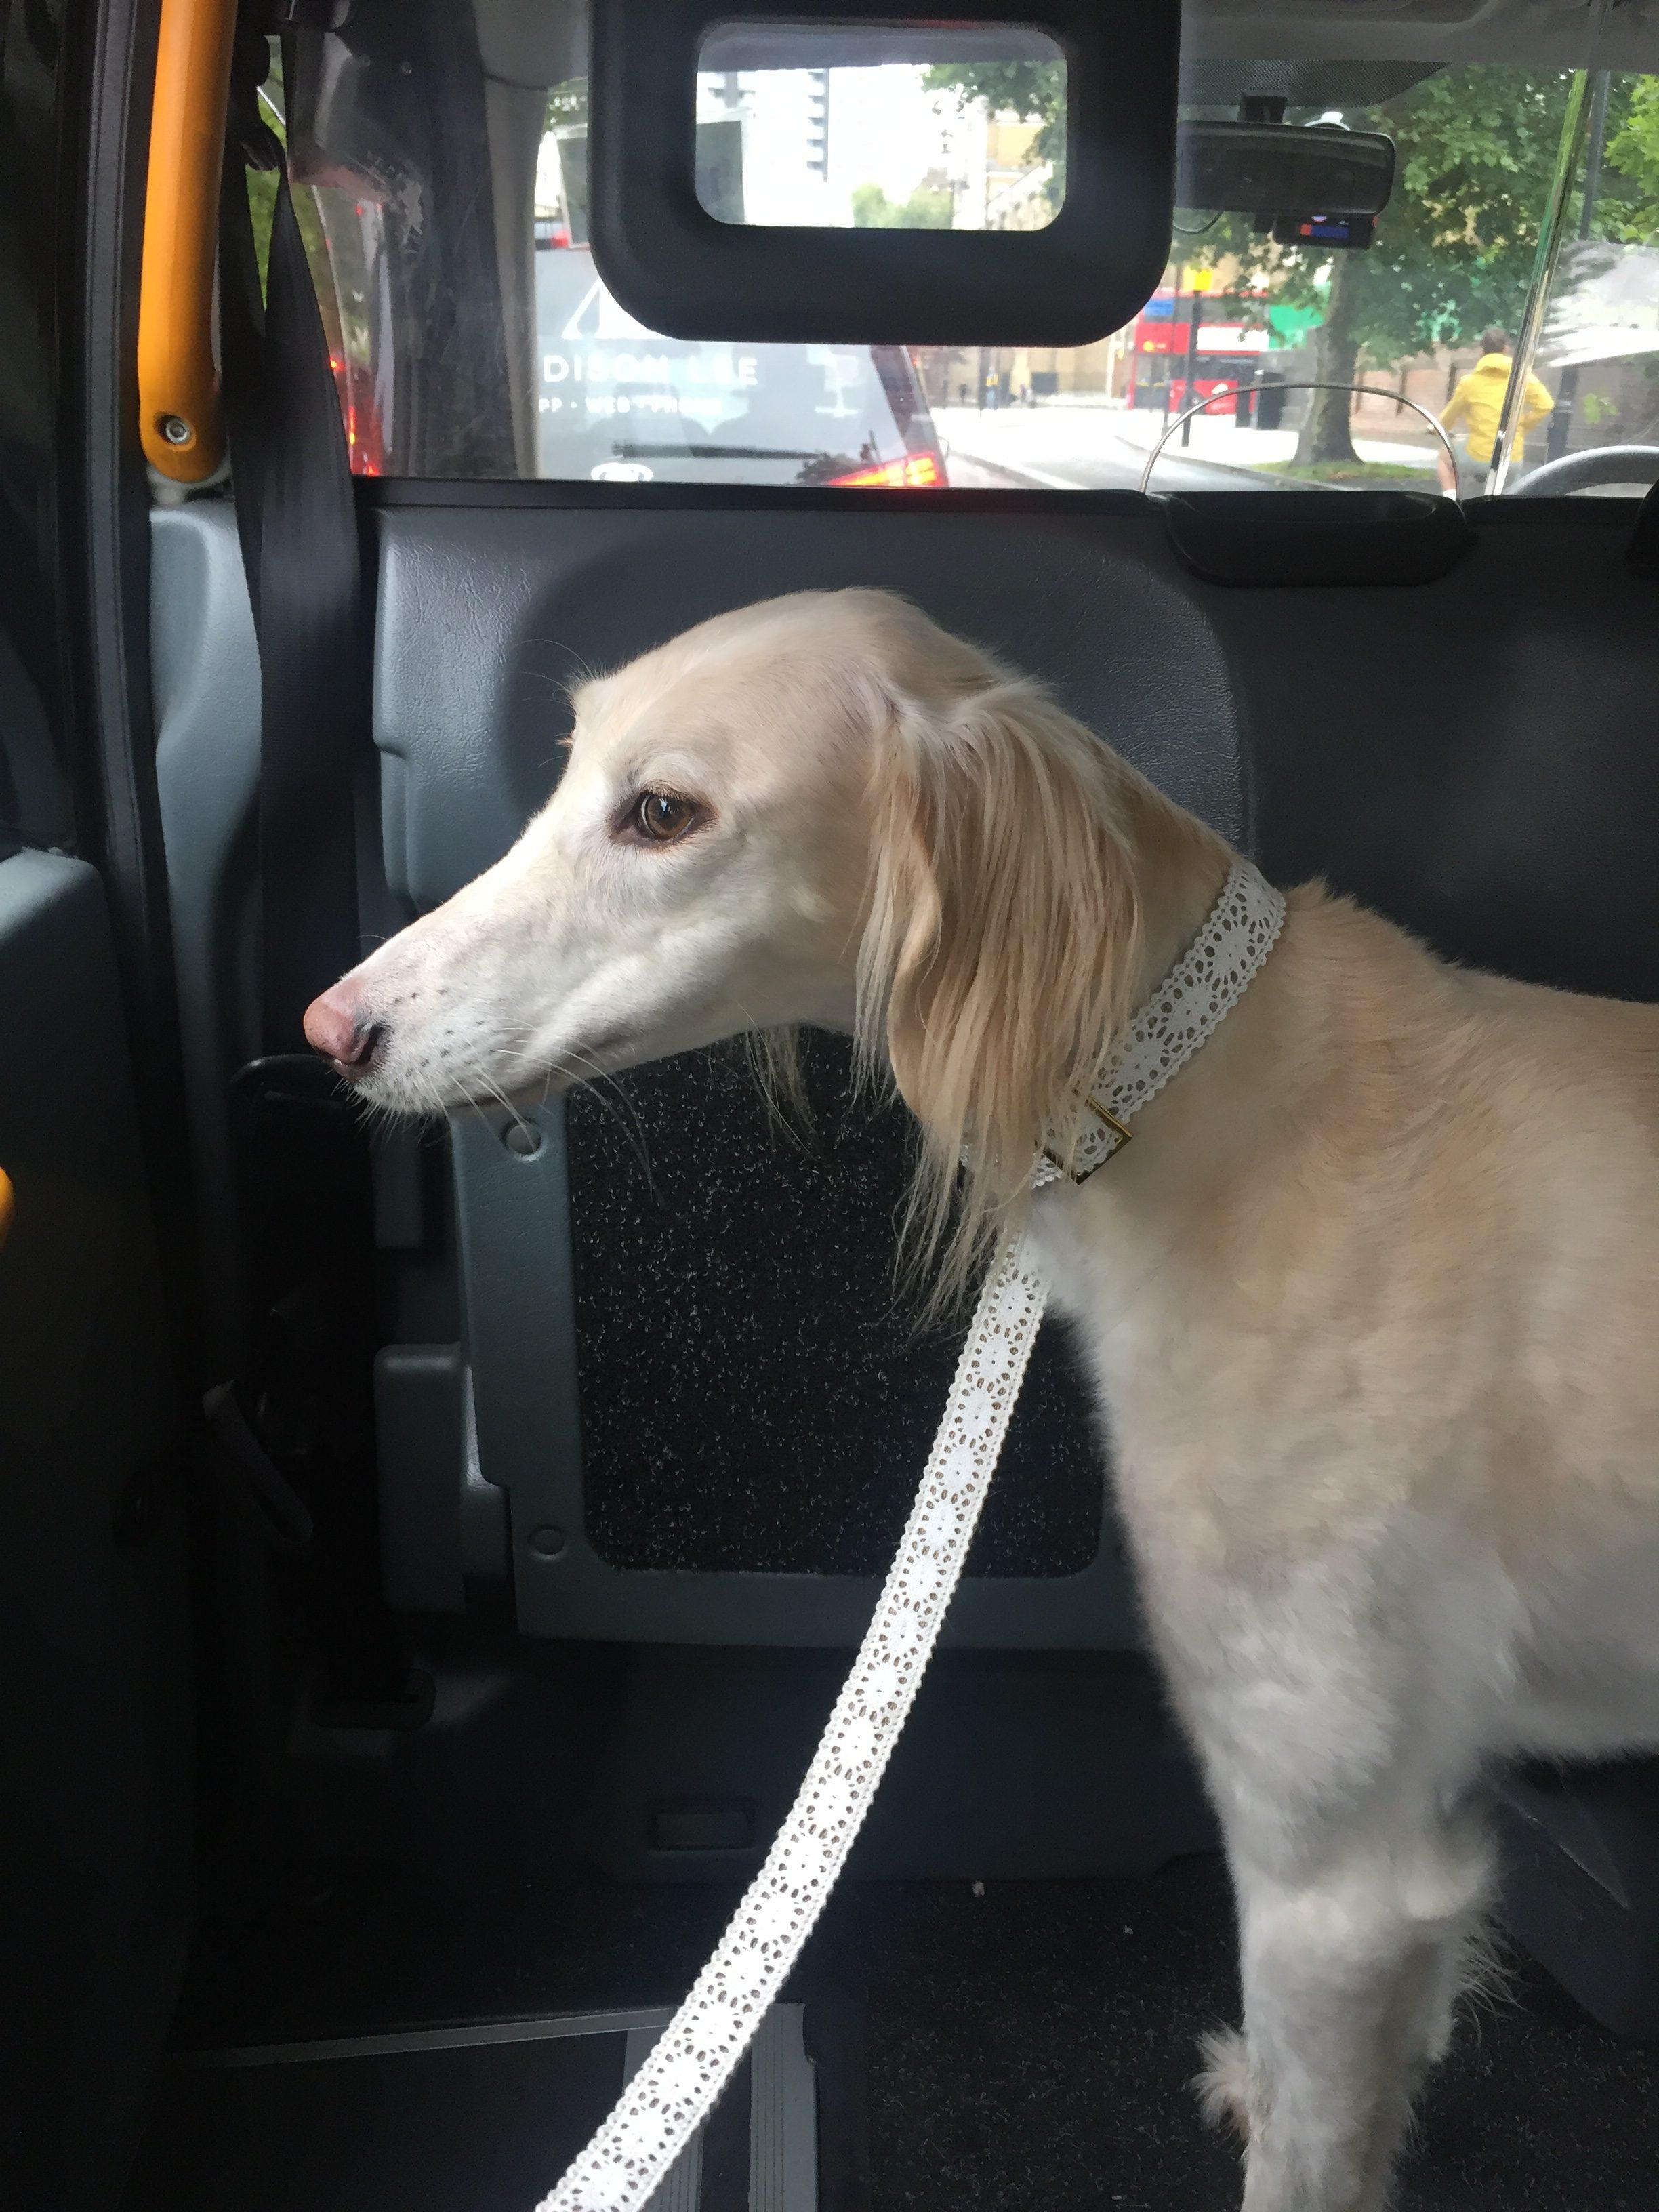 Dog Blanket For Car >> City Dog Etiquette - City Dog Expert